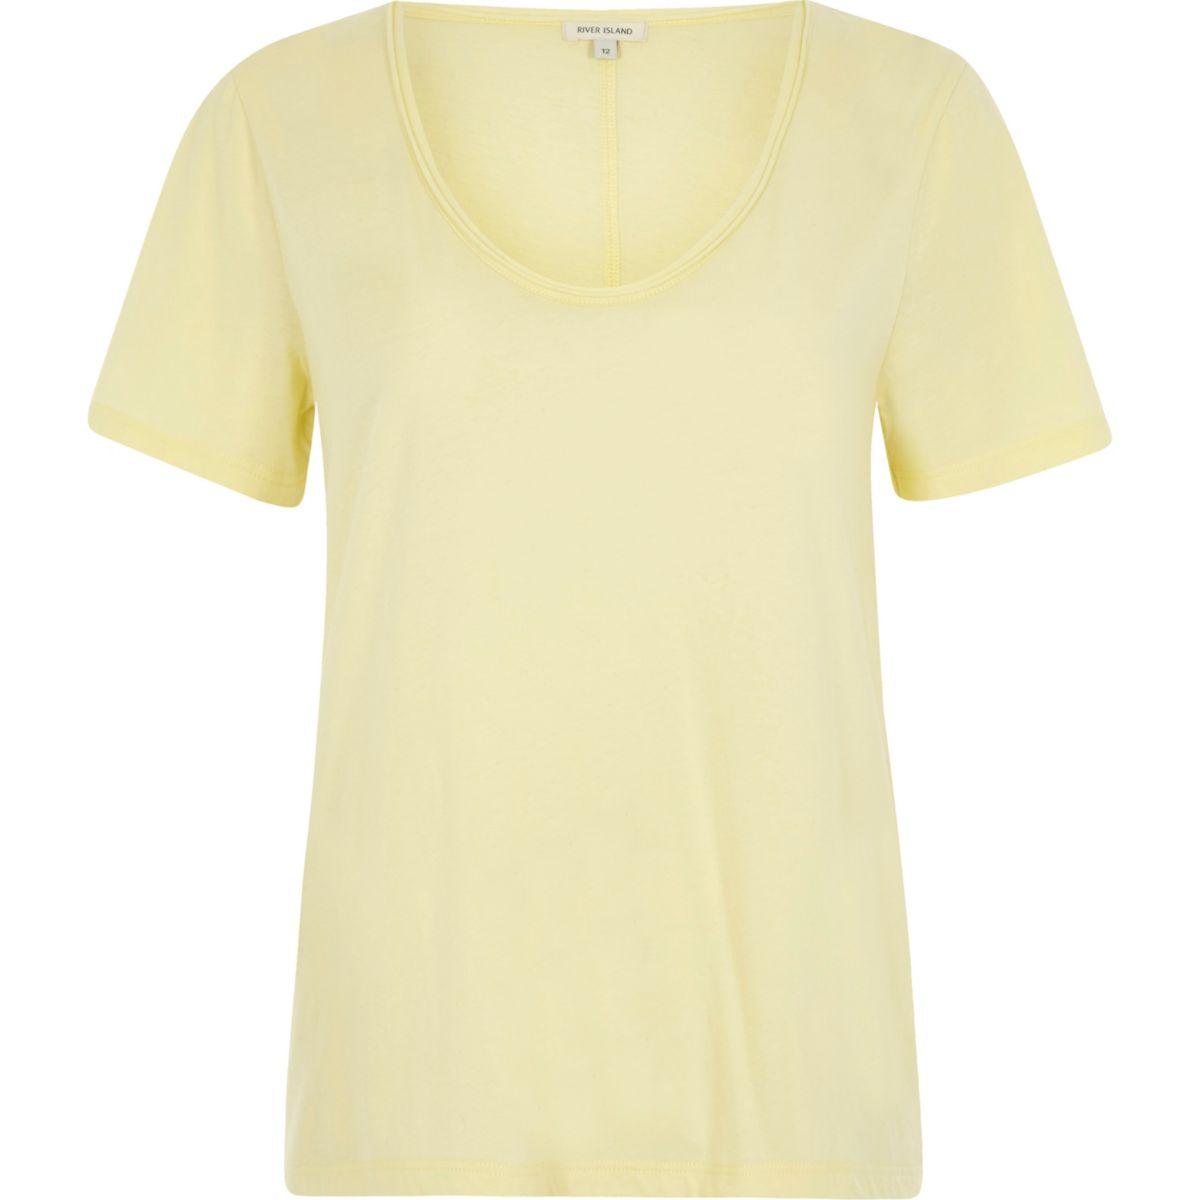 Yellow scoop neck T-shirt